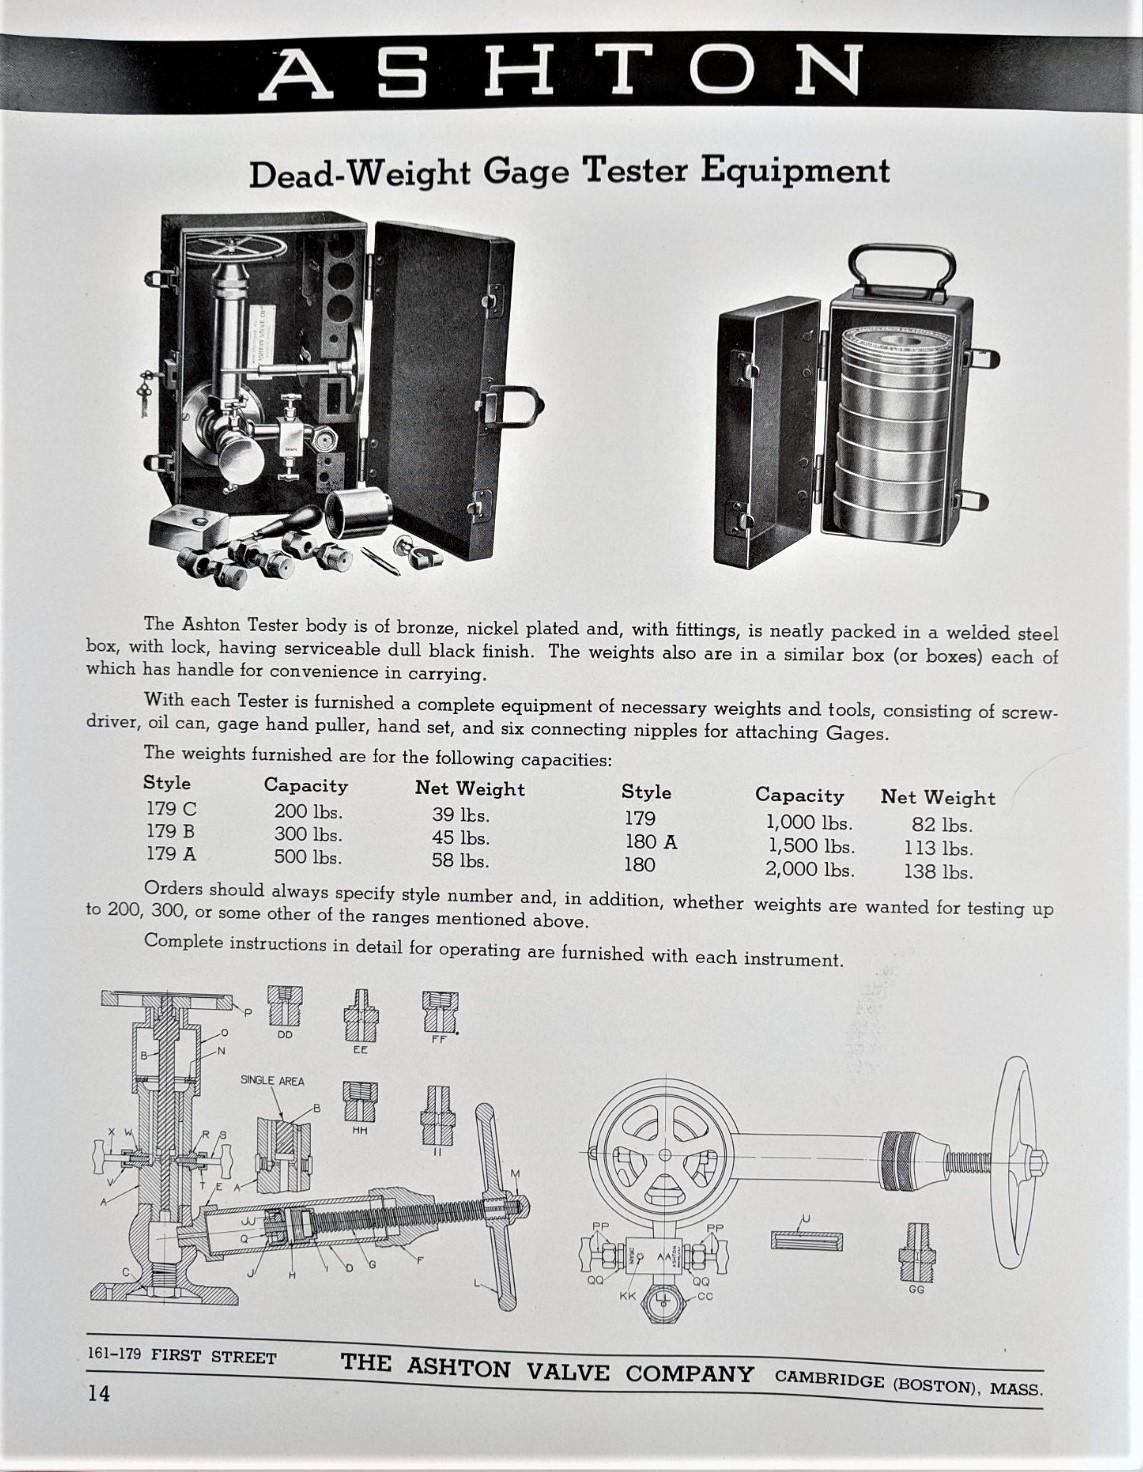 Ashton gage catalog 1941    14.jpg